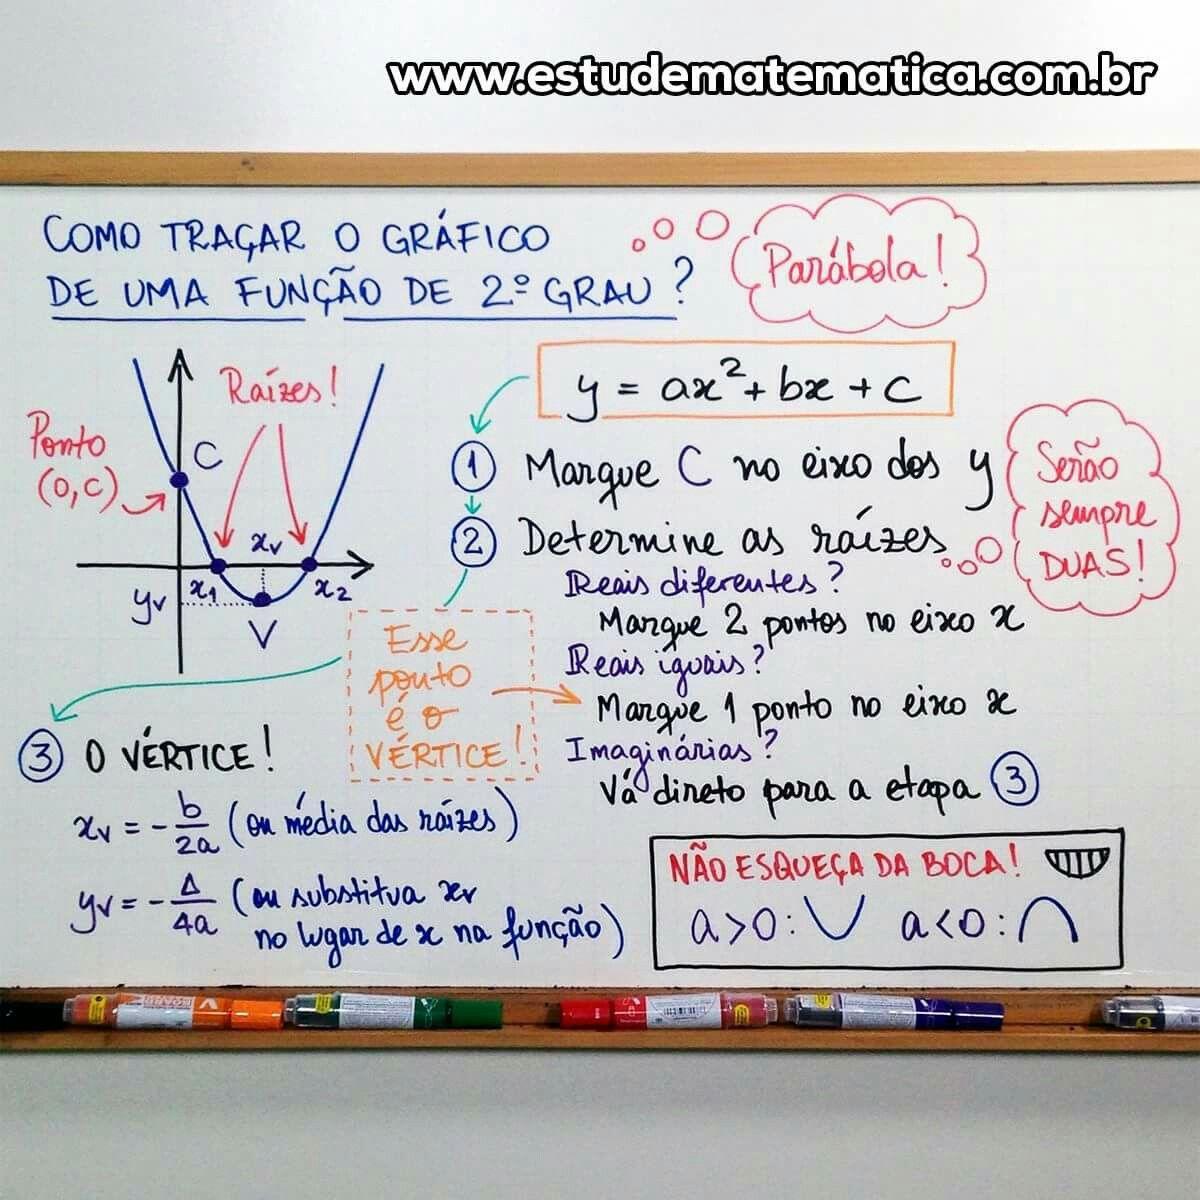 Mapa mental de função 2 grau 2 | Matemática | Pinterest | Math and ...